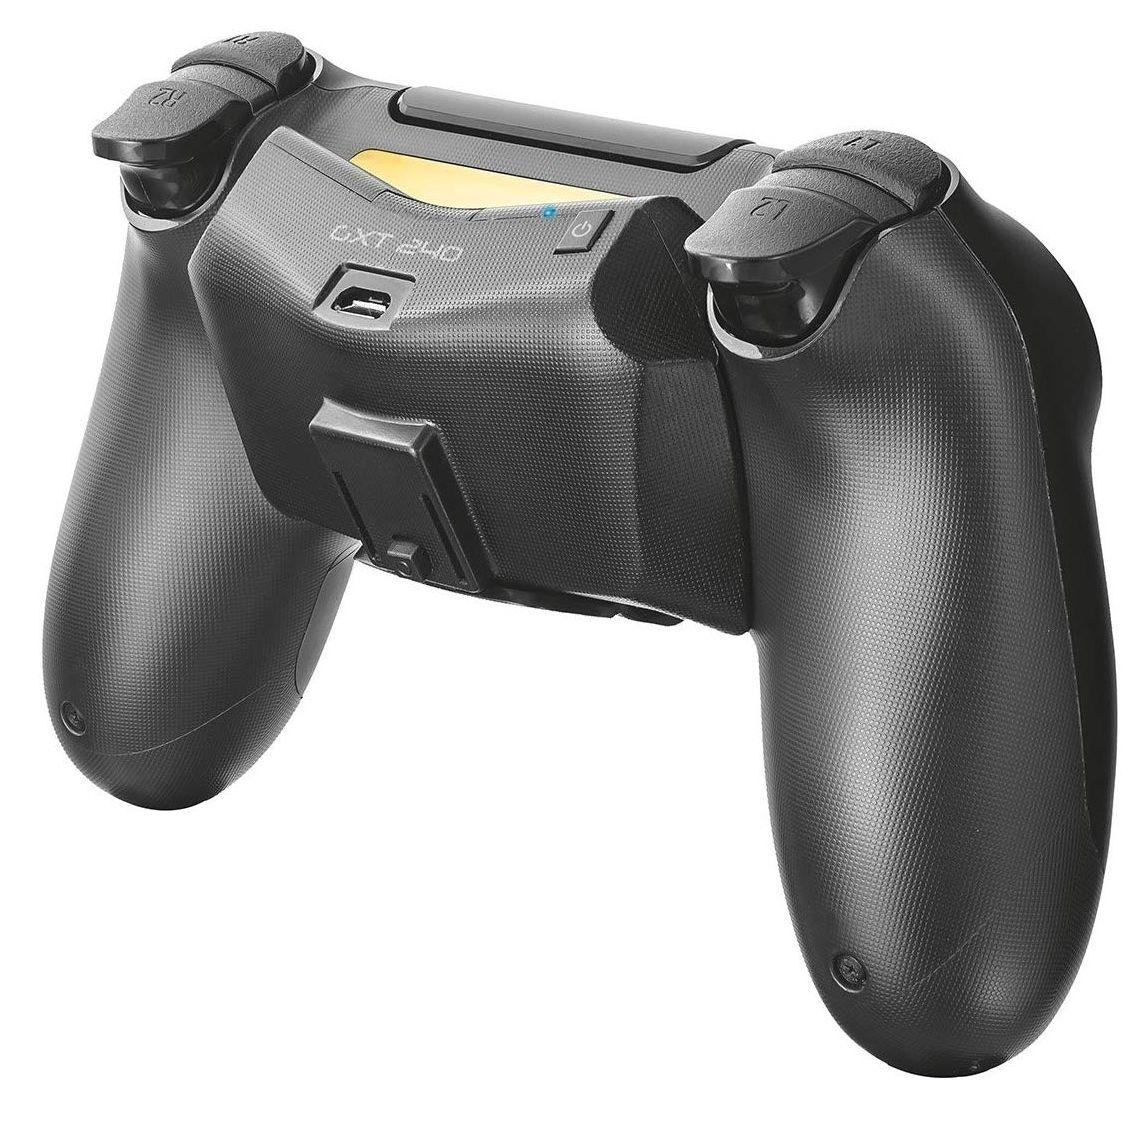 Batterie Externe Trust GXT 240 (compatible Manette PS4) - Noir